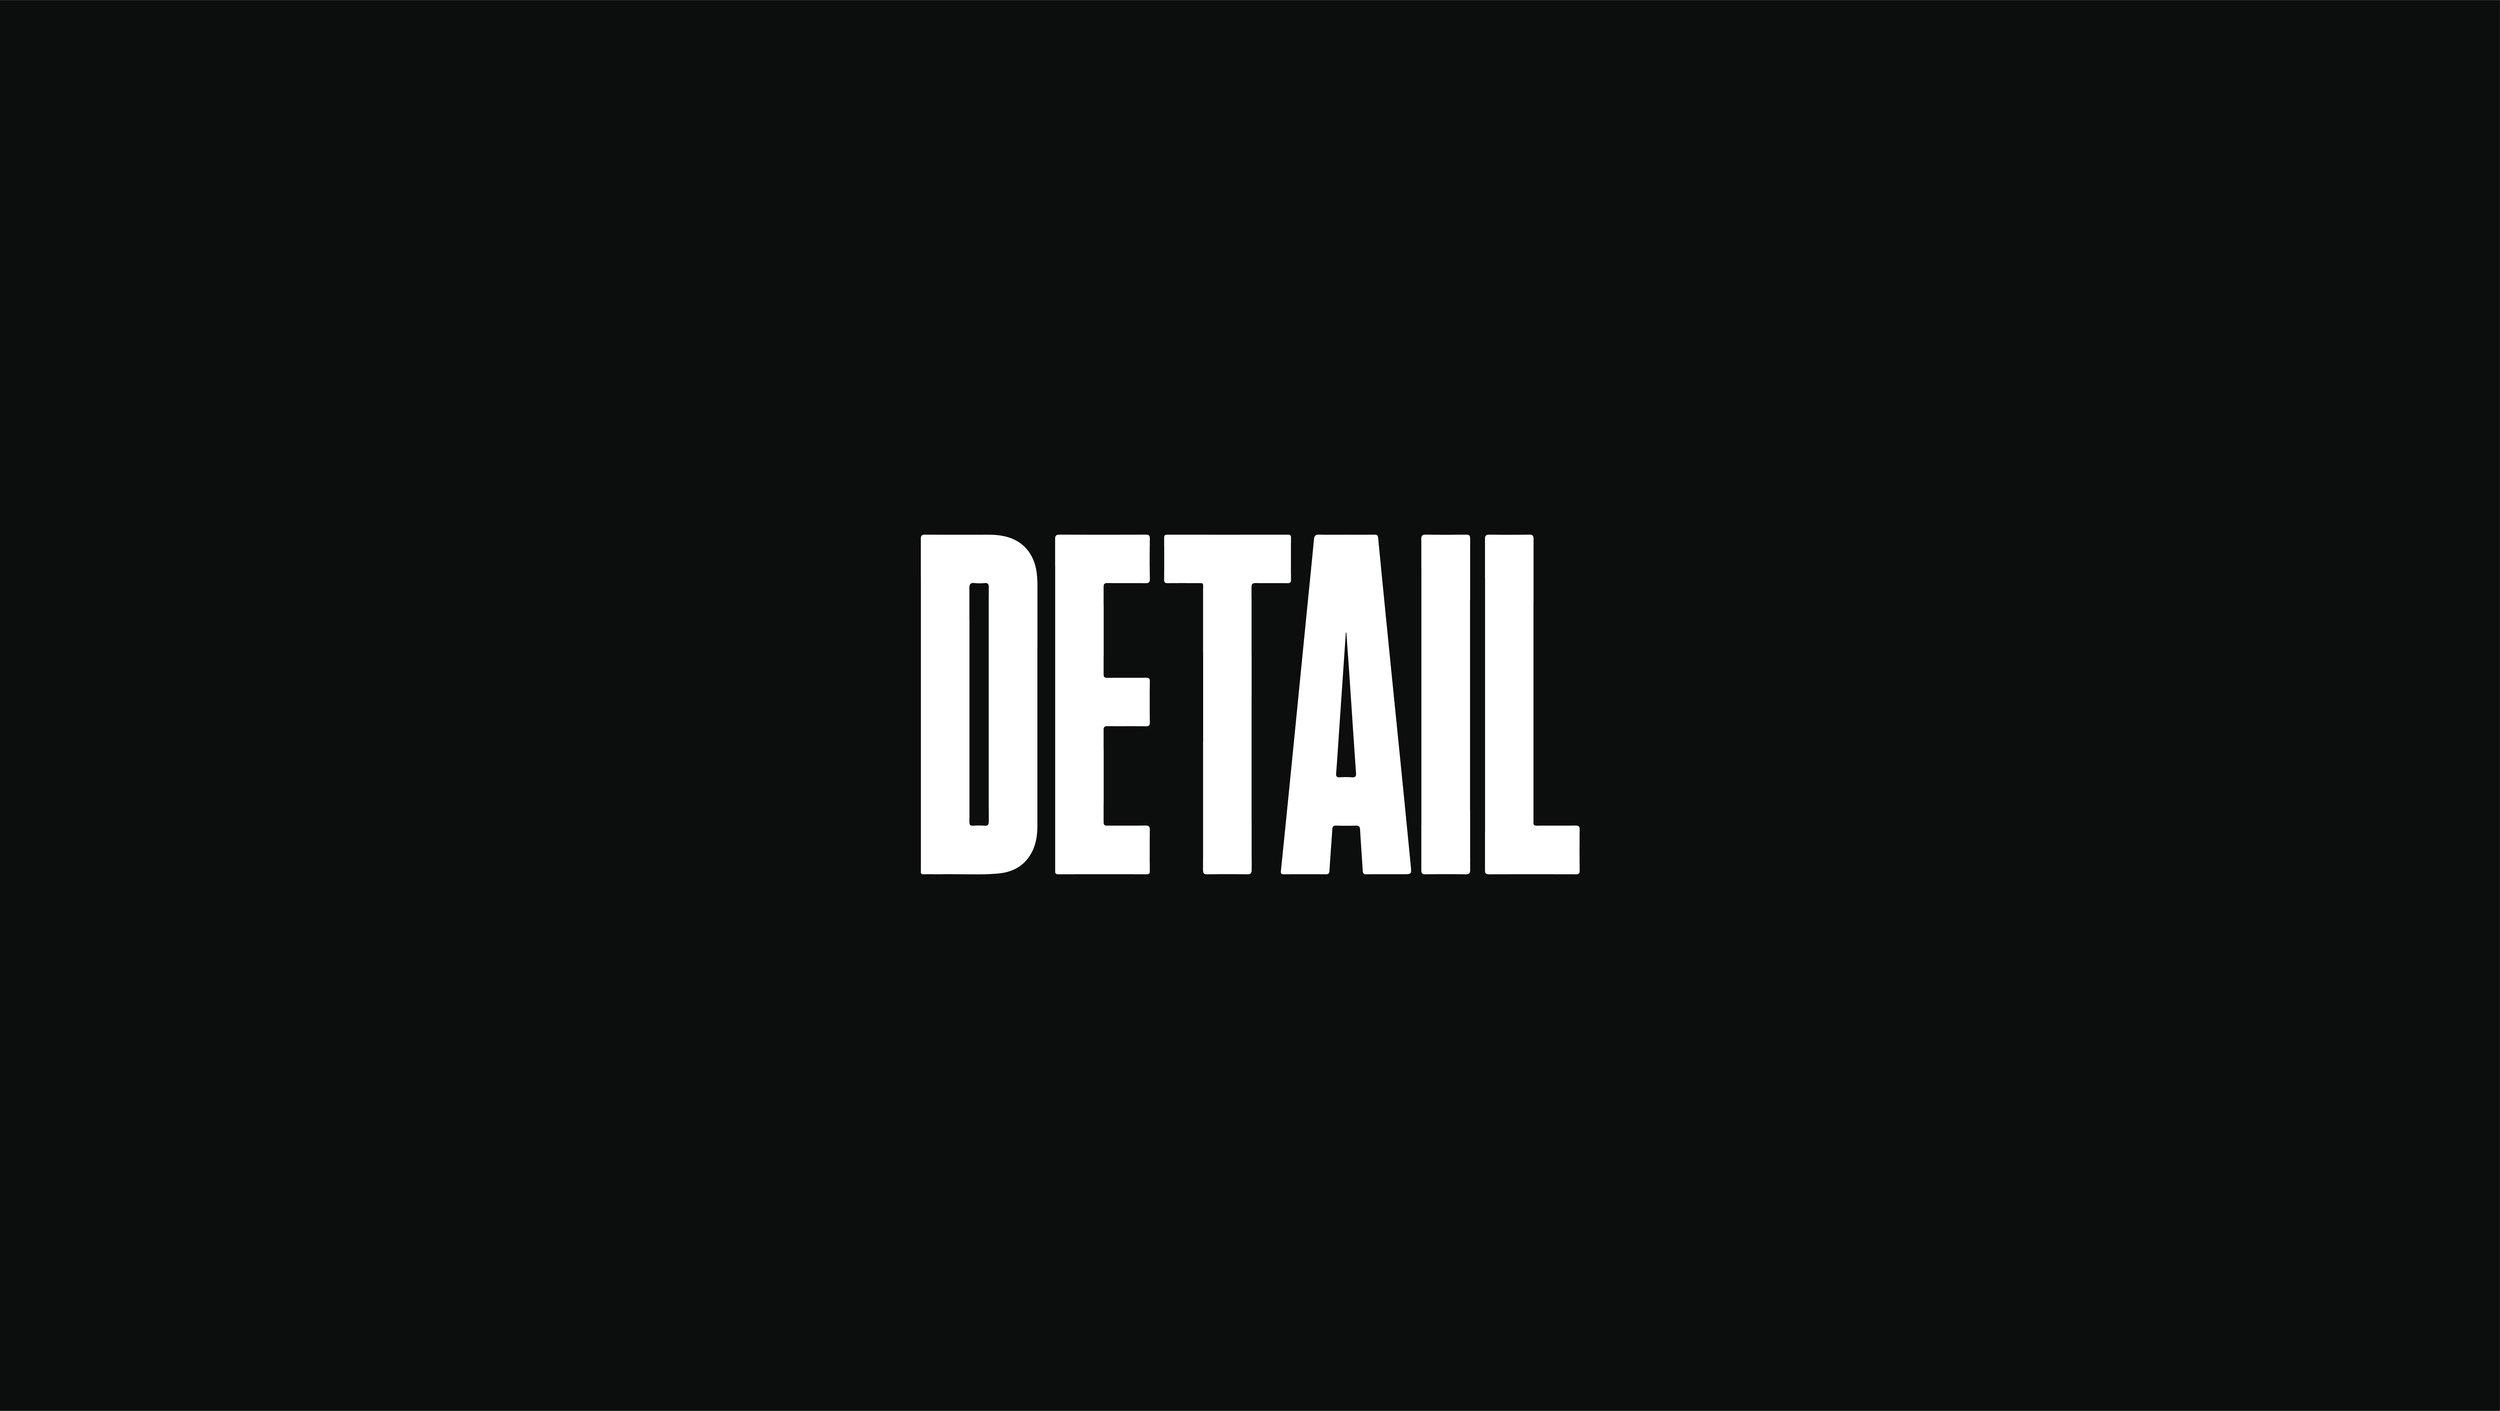 Detail-Website-07.jpg